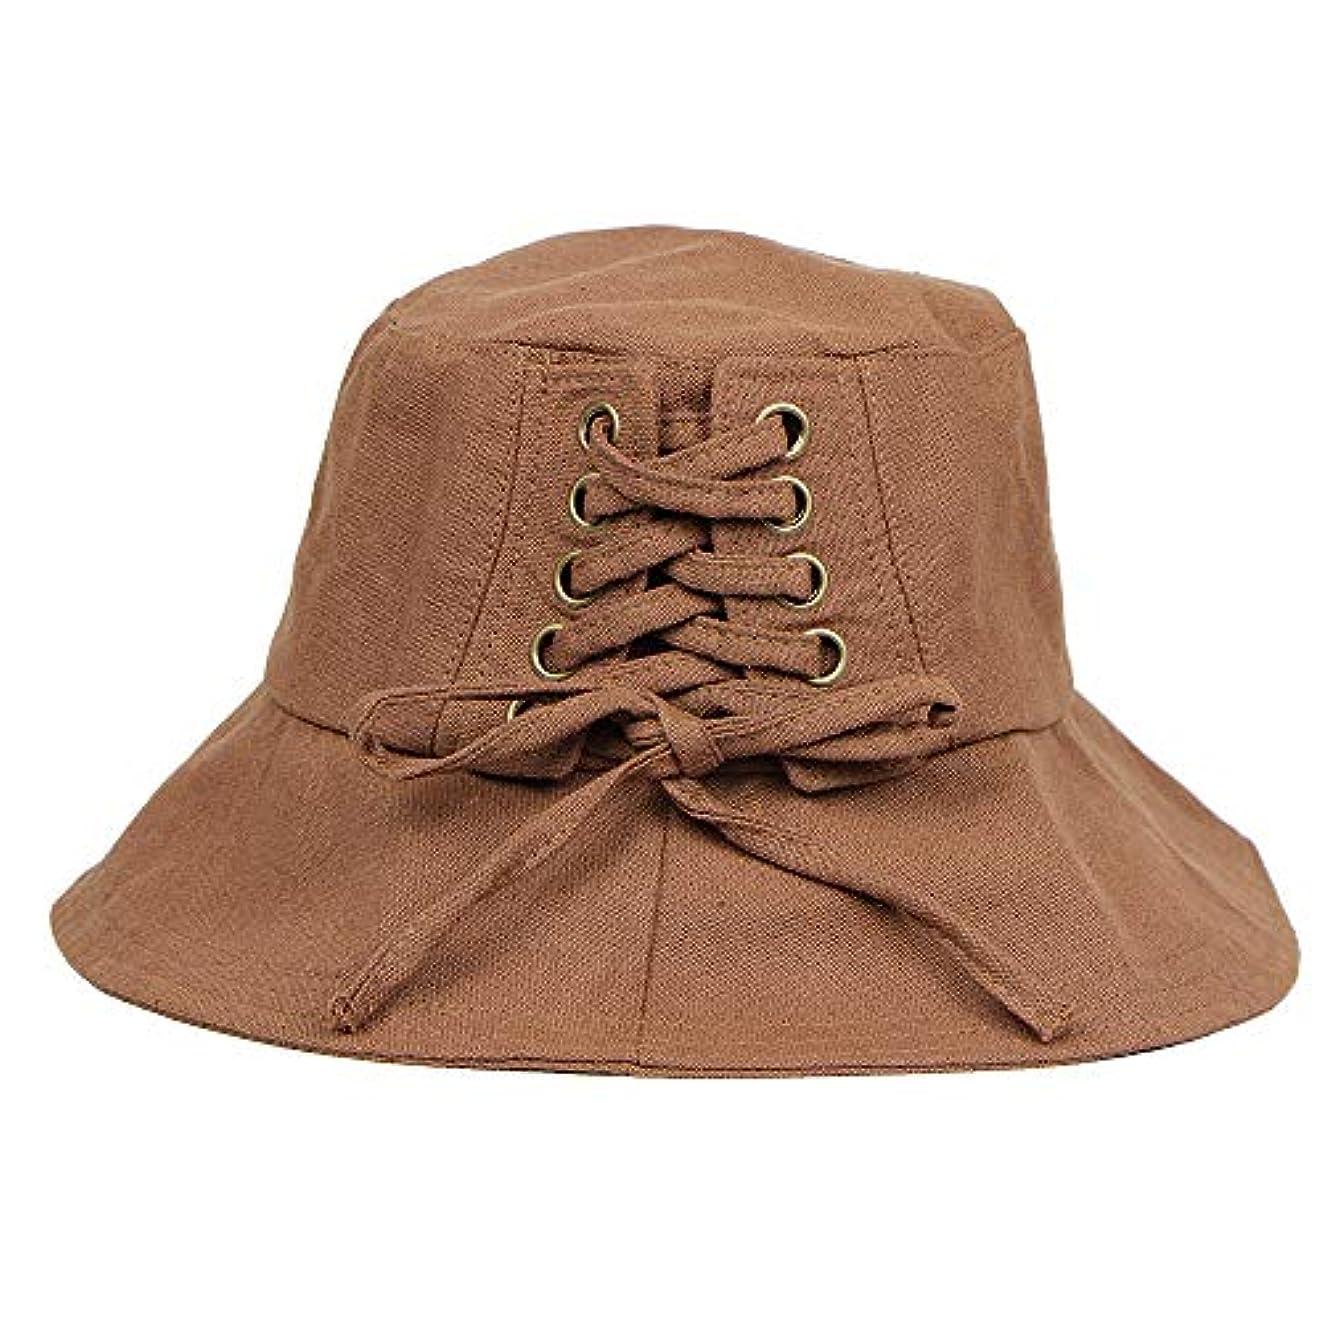 赤字征服者適応帽子 ハット 女性の春と夏の帽子折りたたみワイドつばフロッピーキャップ日漁師の帽子